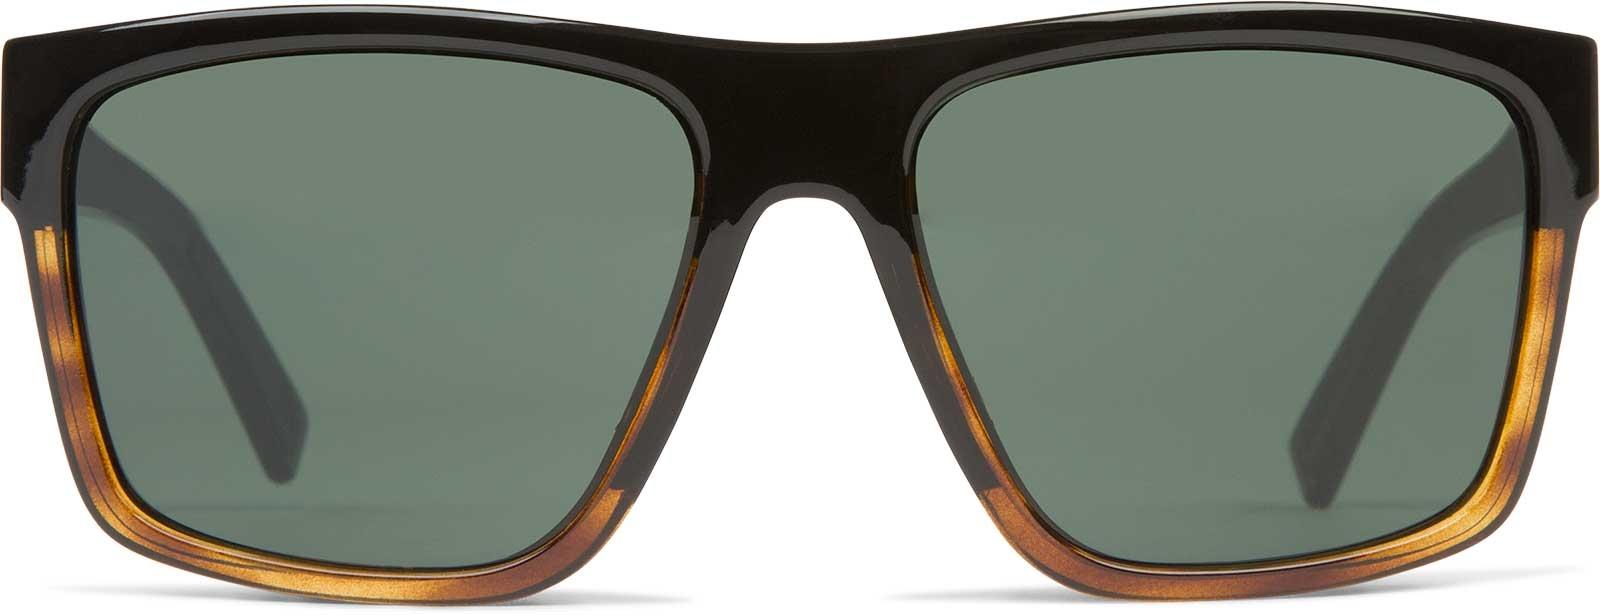 a383c45a9c0 Von Zipper Dipstick Sunglasses Mens